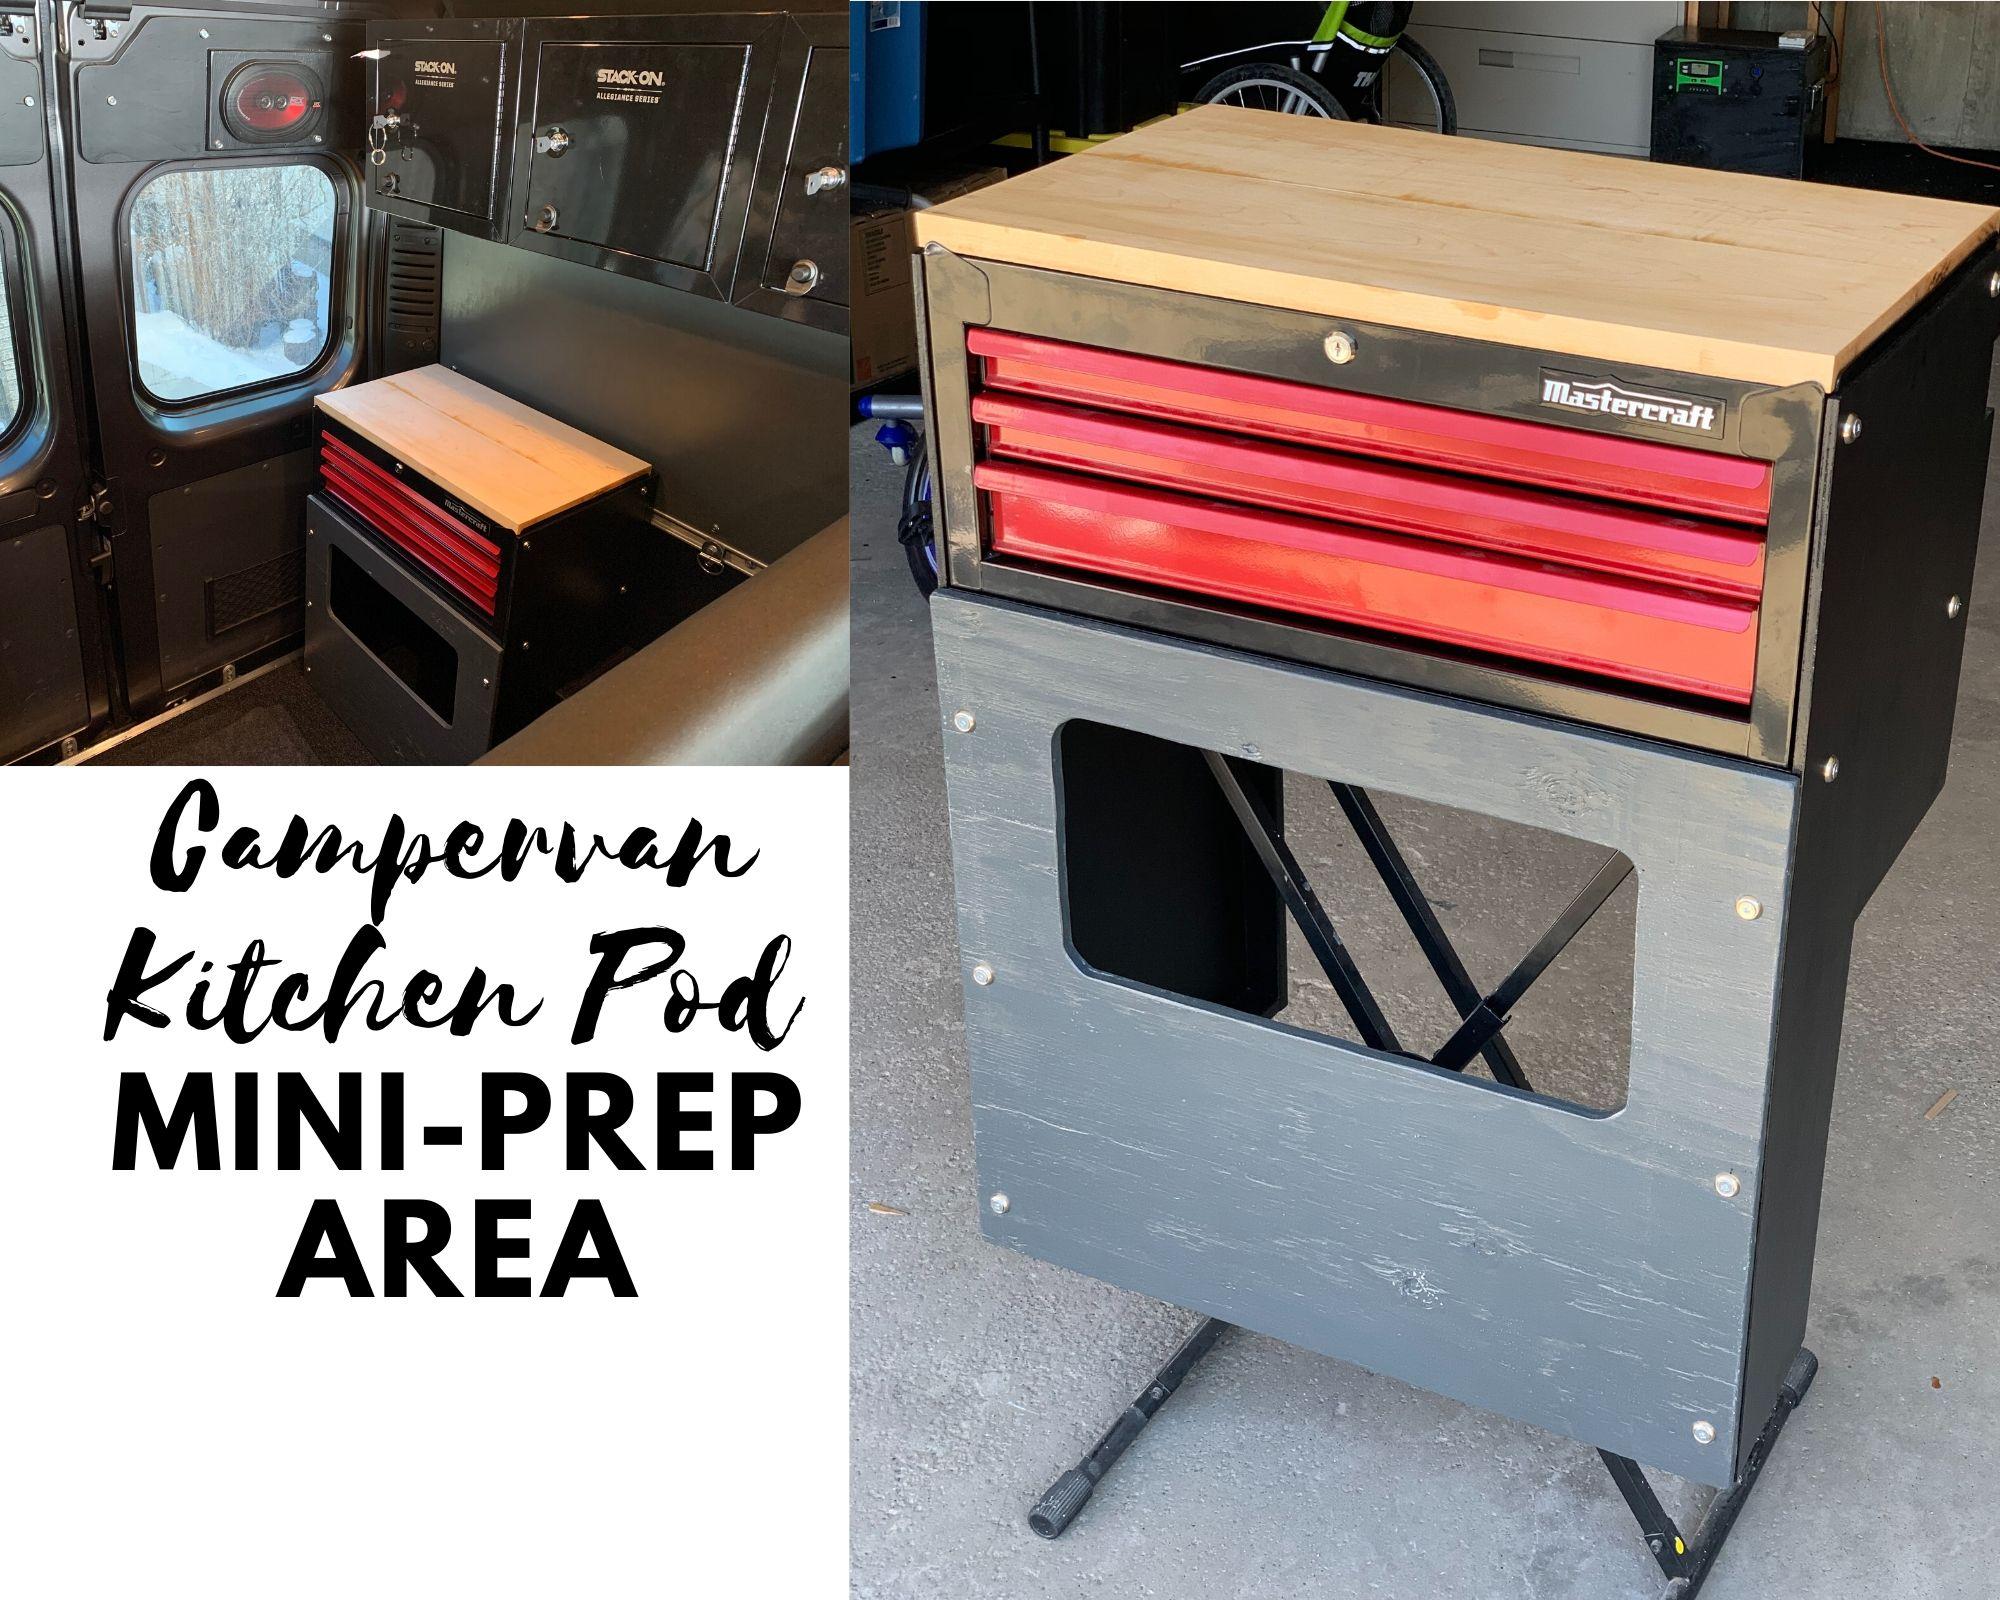 Campervan Kitchen Pod Mini Prep Area Weekender Van Life